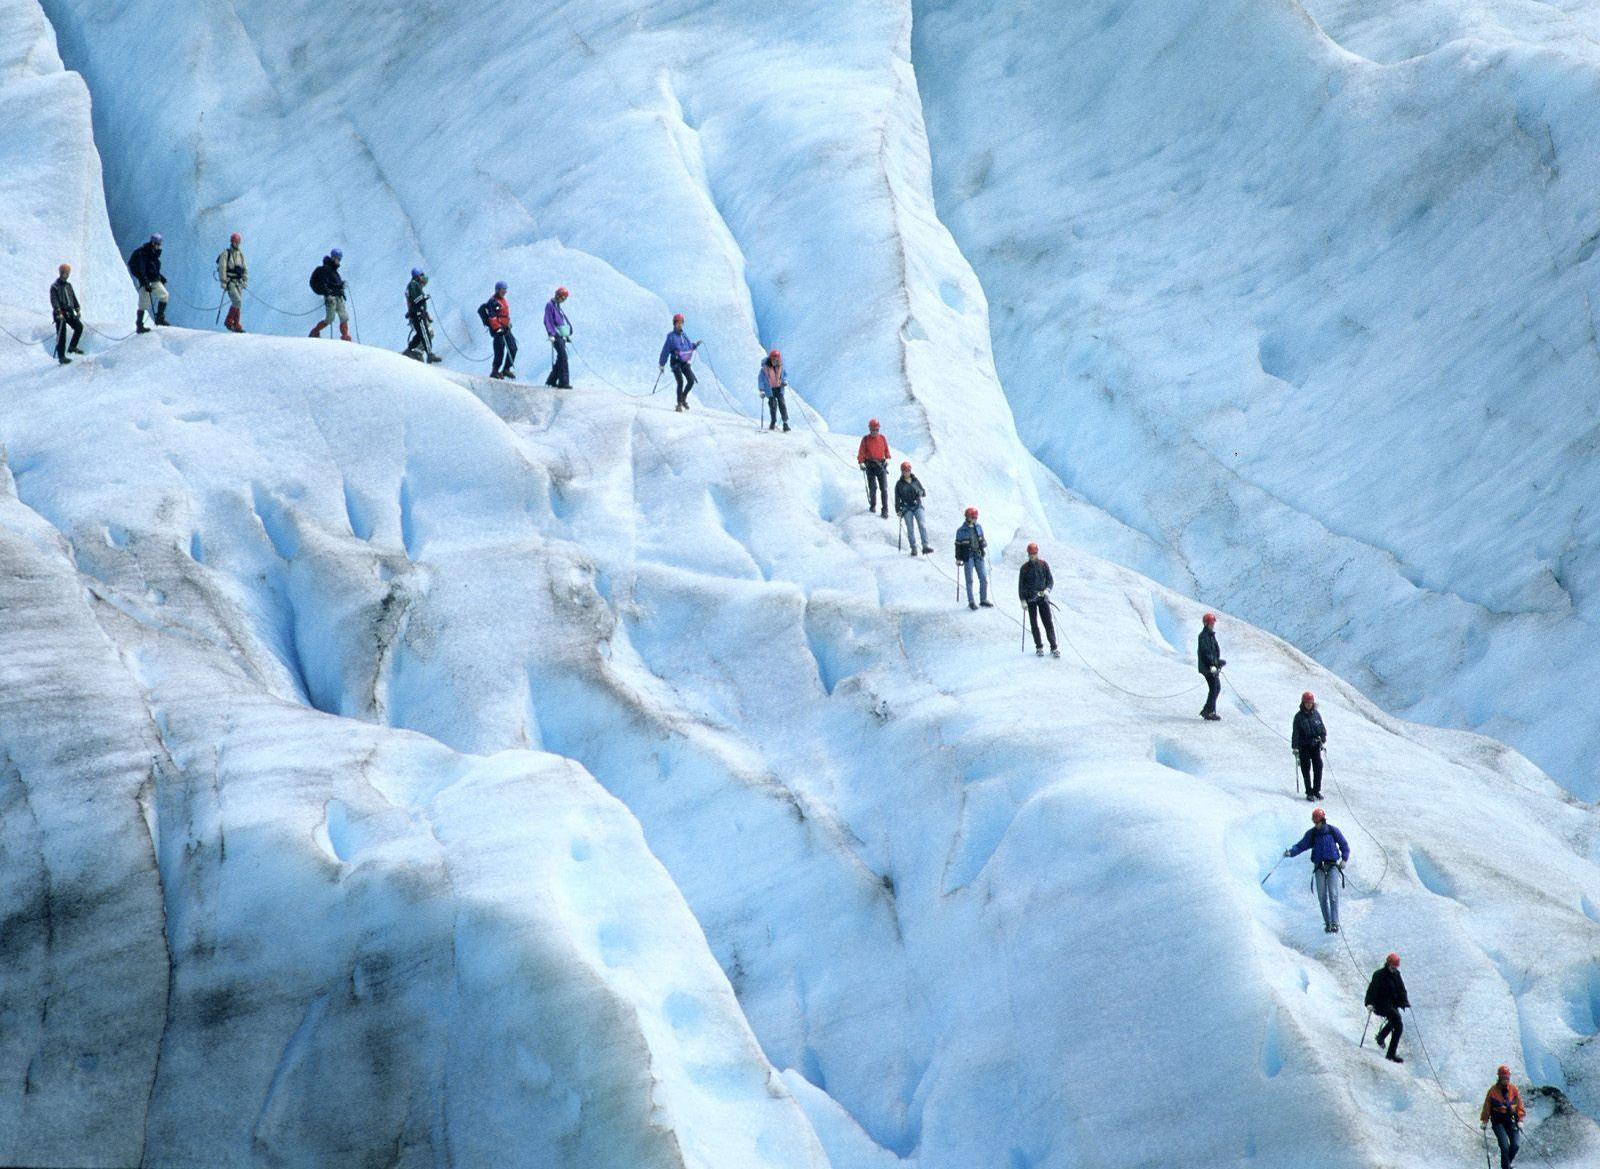 Ледник Юстедальсбреен, Норвегия